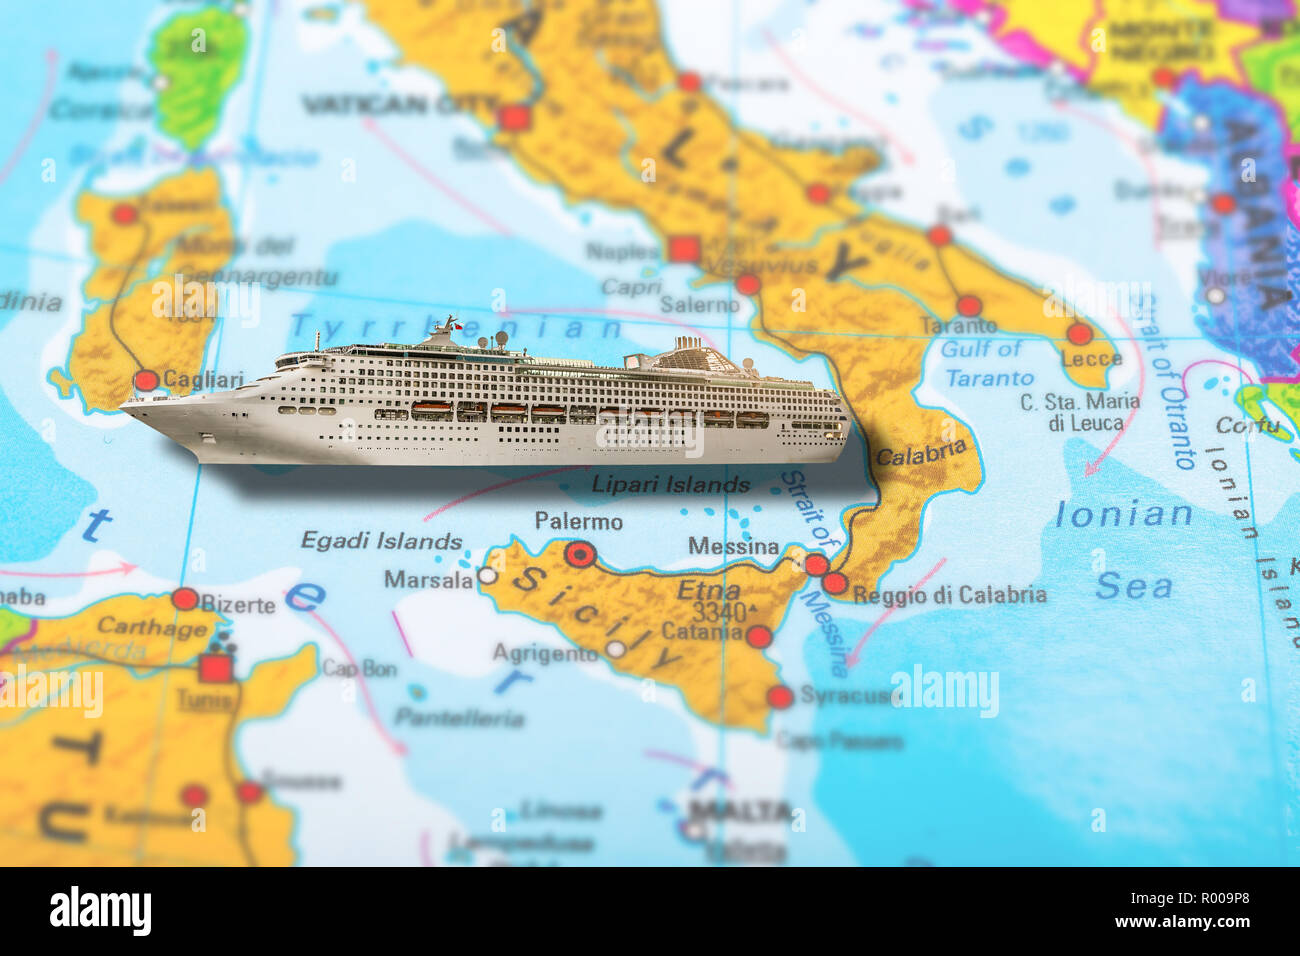 Carte Italie Et Sardaigne.Les Voyages En Bateau De Croisiere On Colorful Carte Politique De L